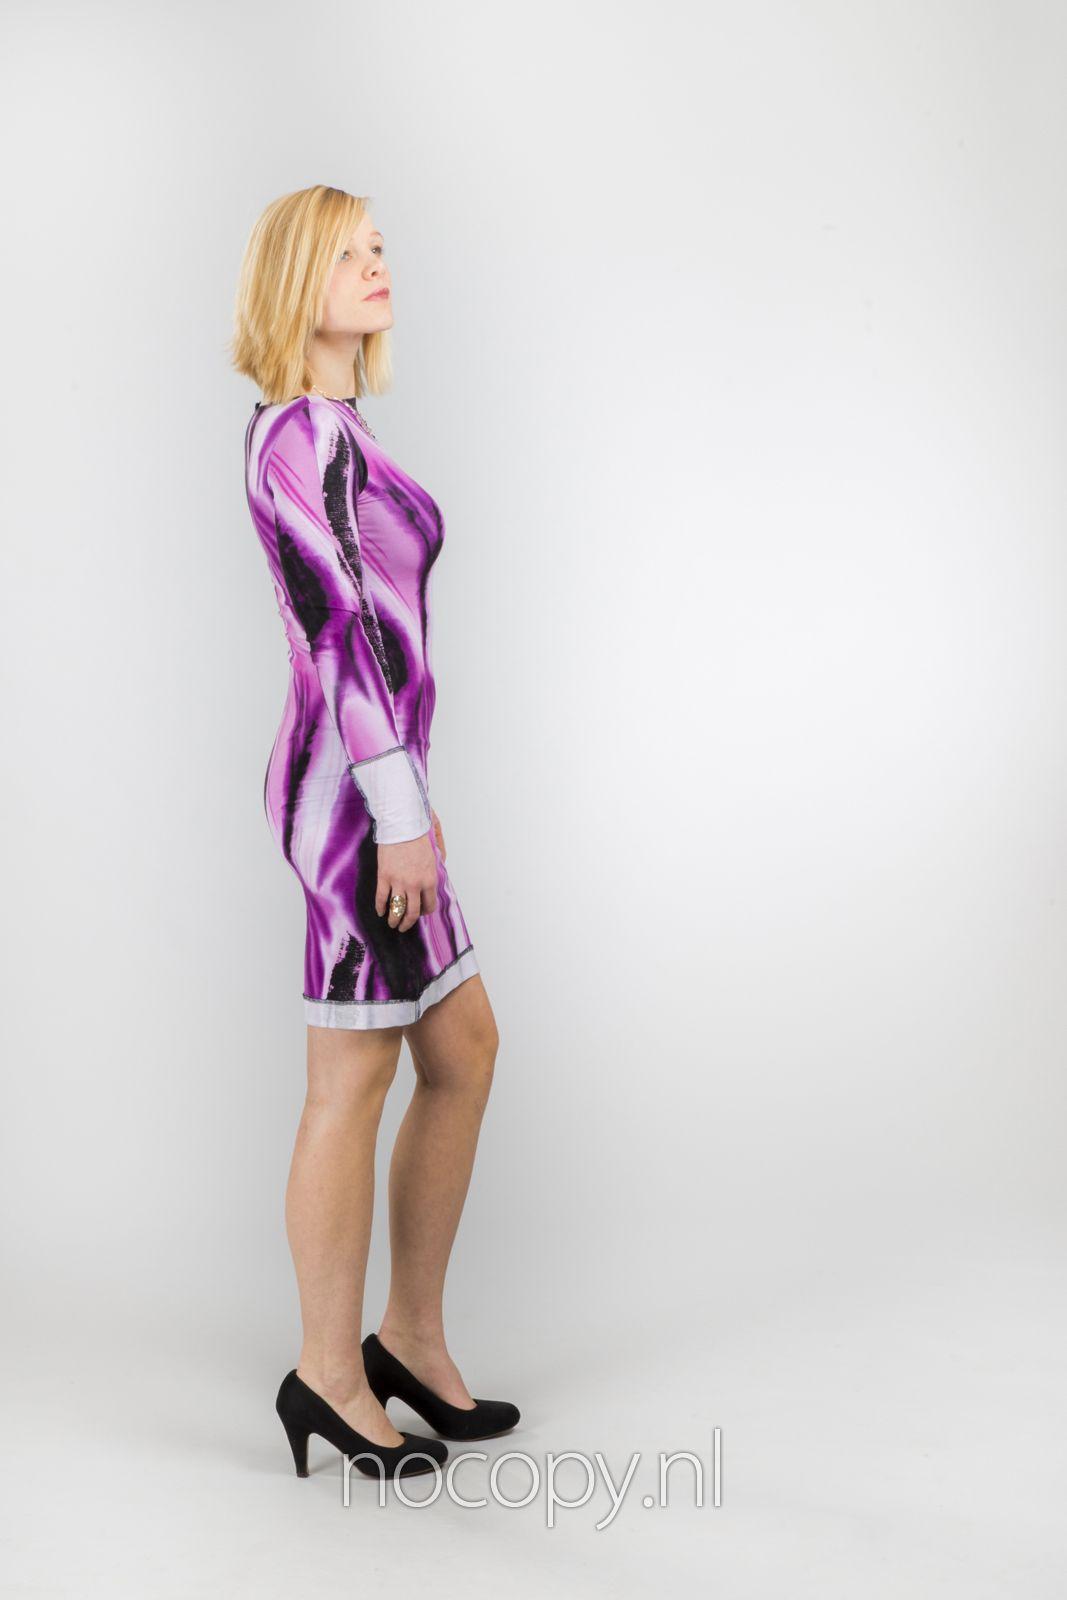 Purple glide classy jurk